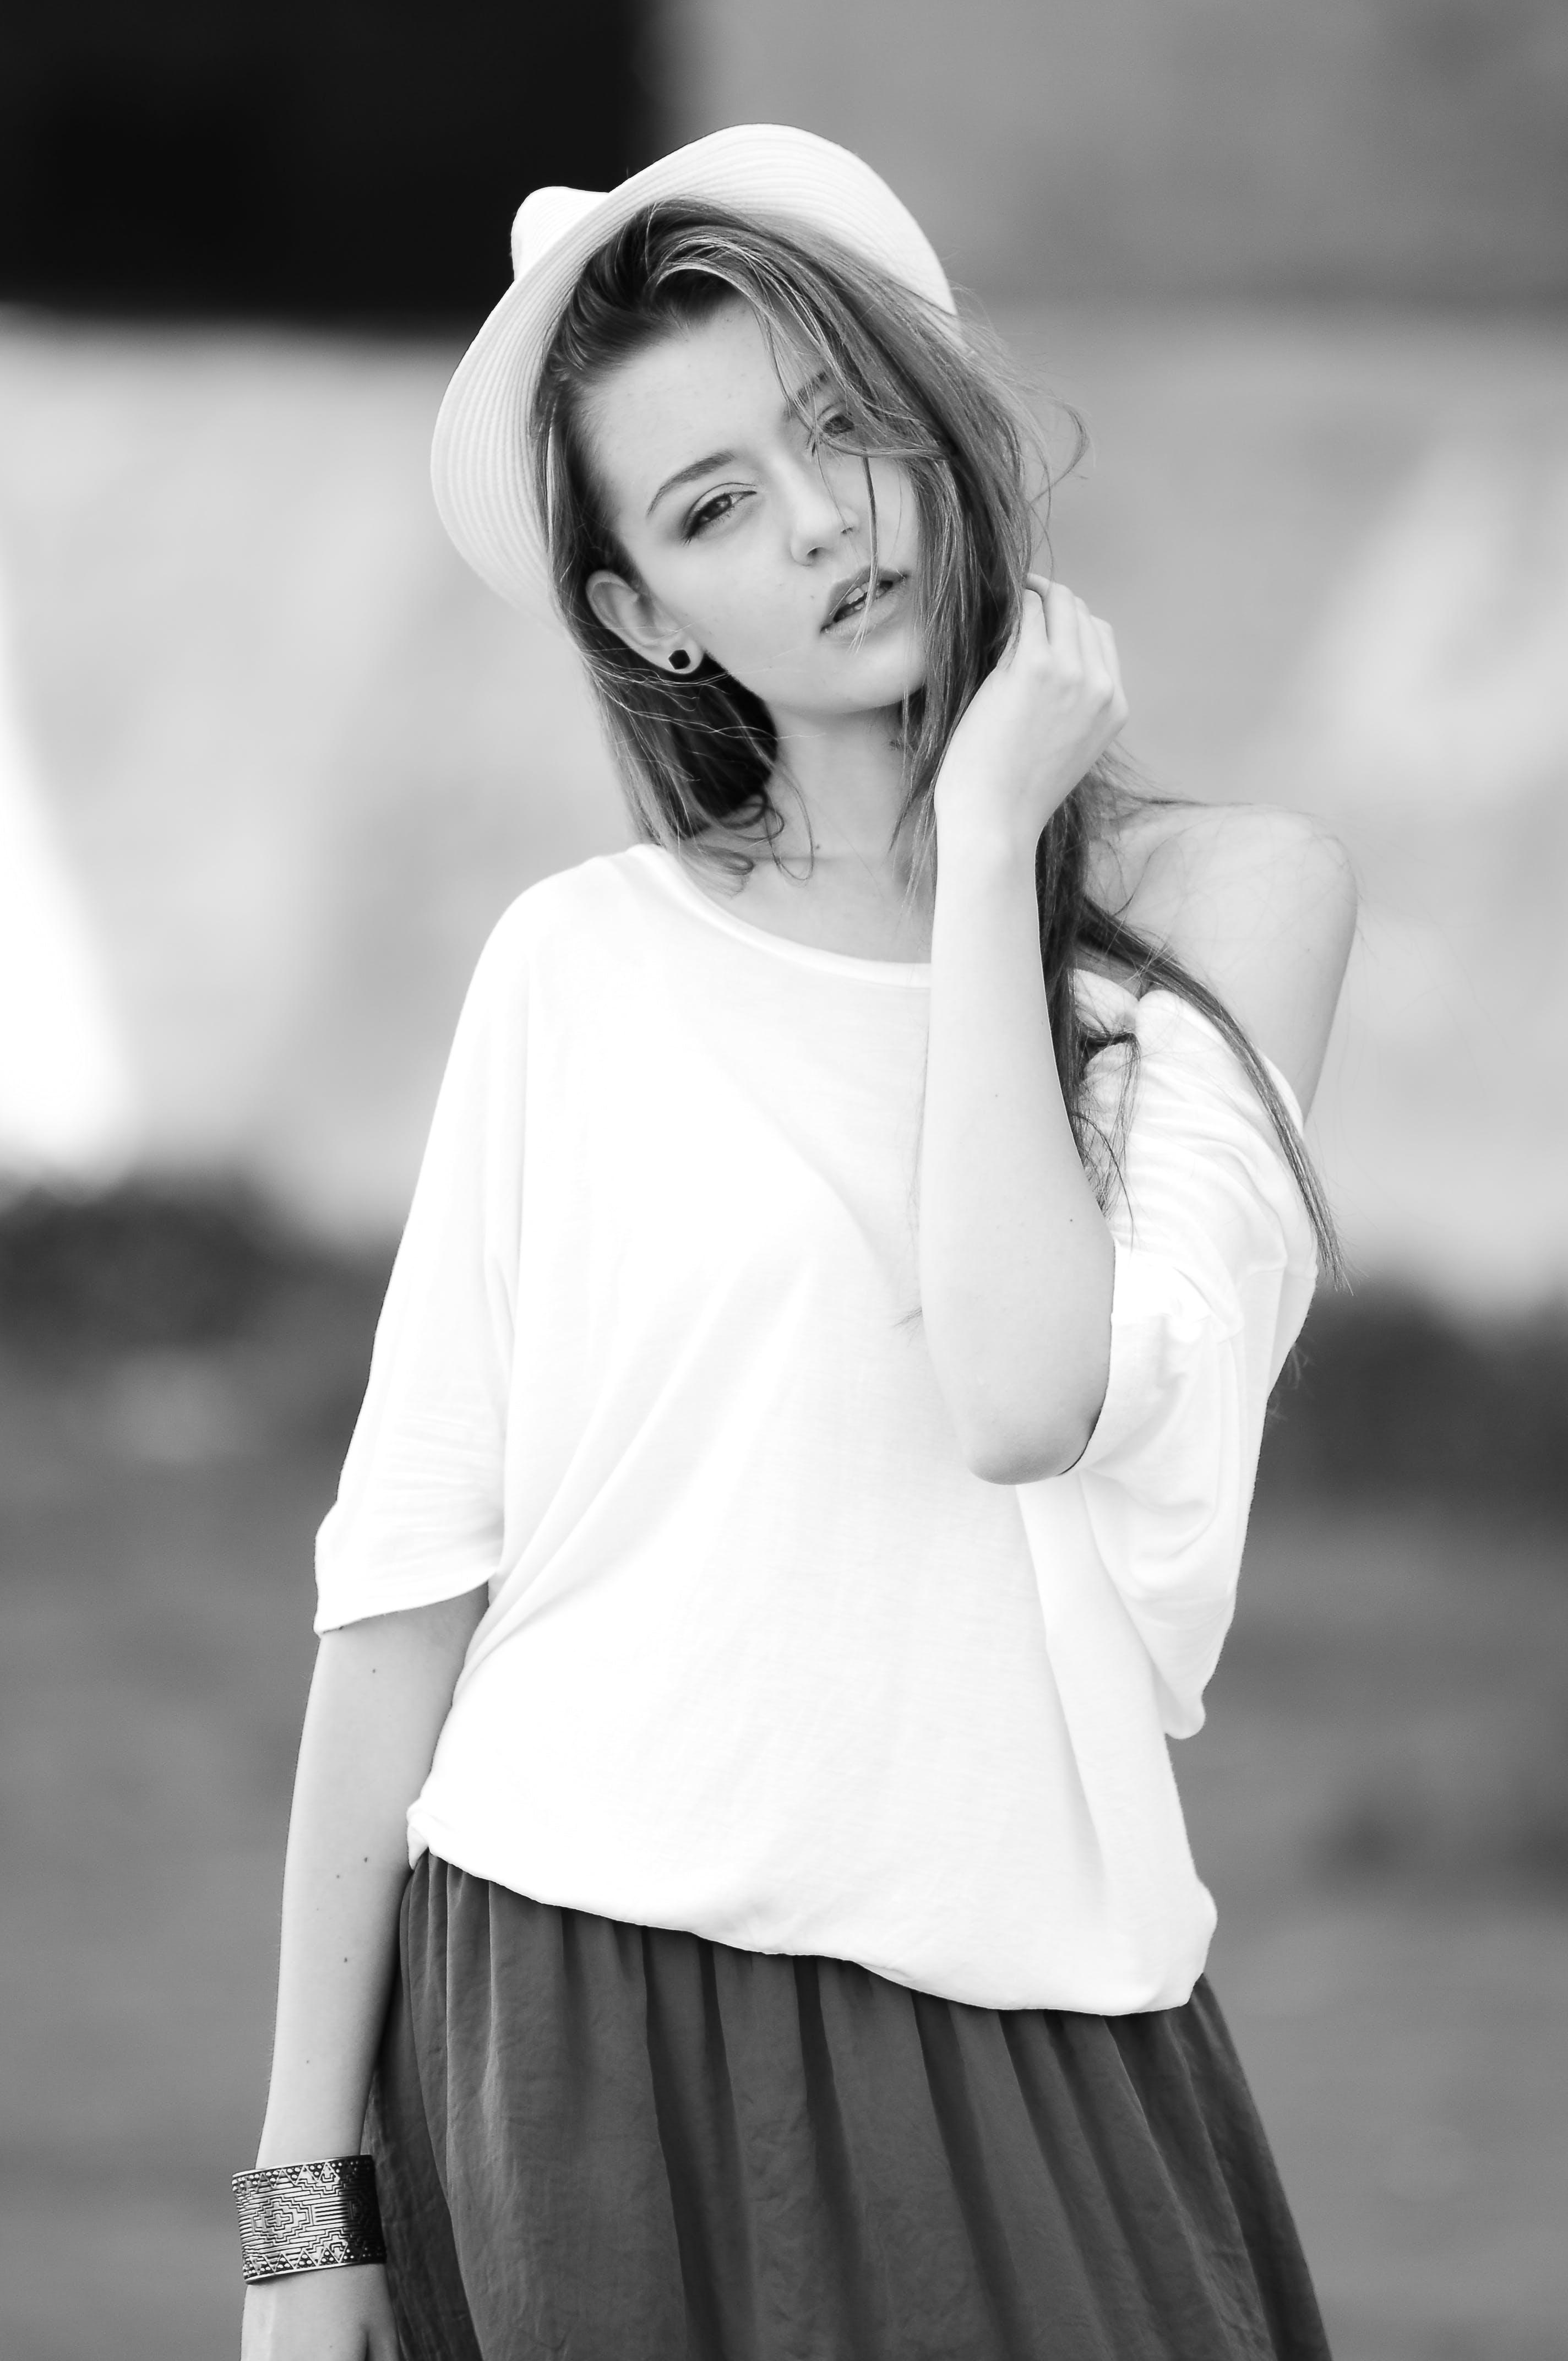 Fotos de stock gratuitas de belleza, blanco, blanco y negro, bonita